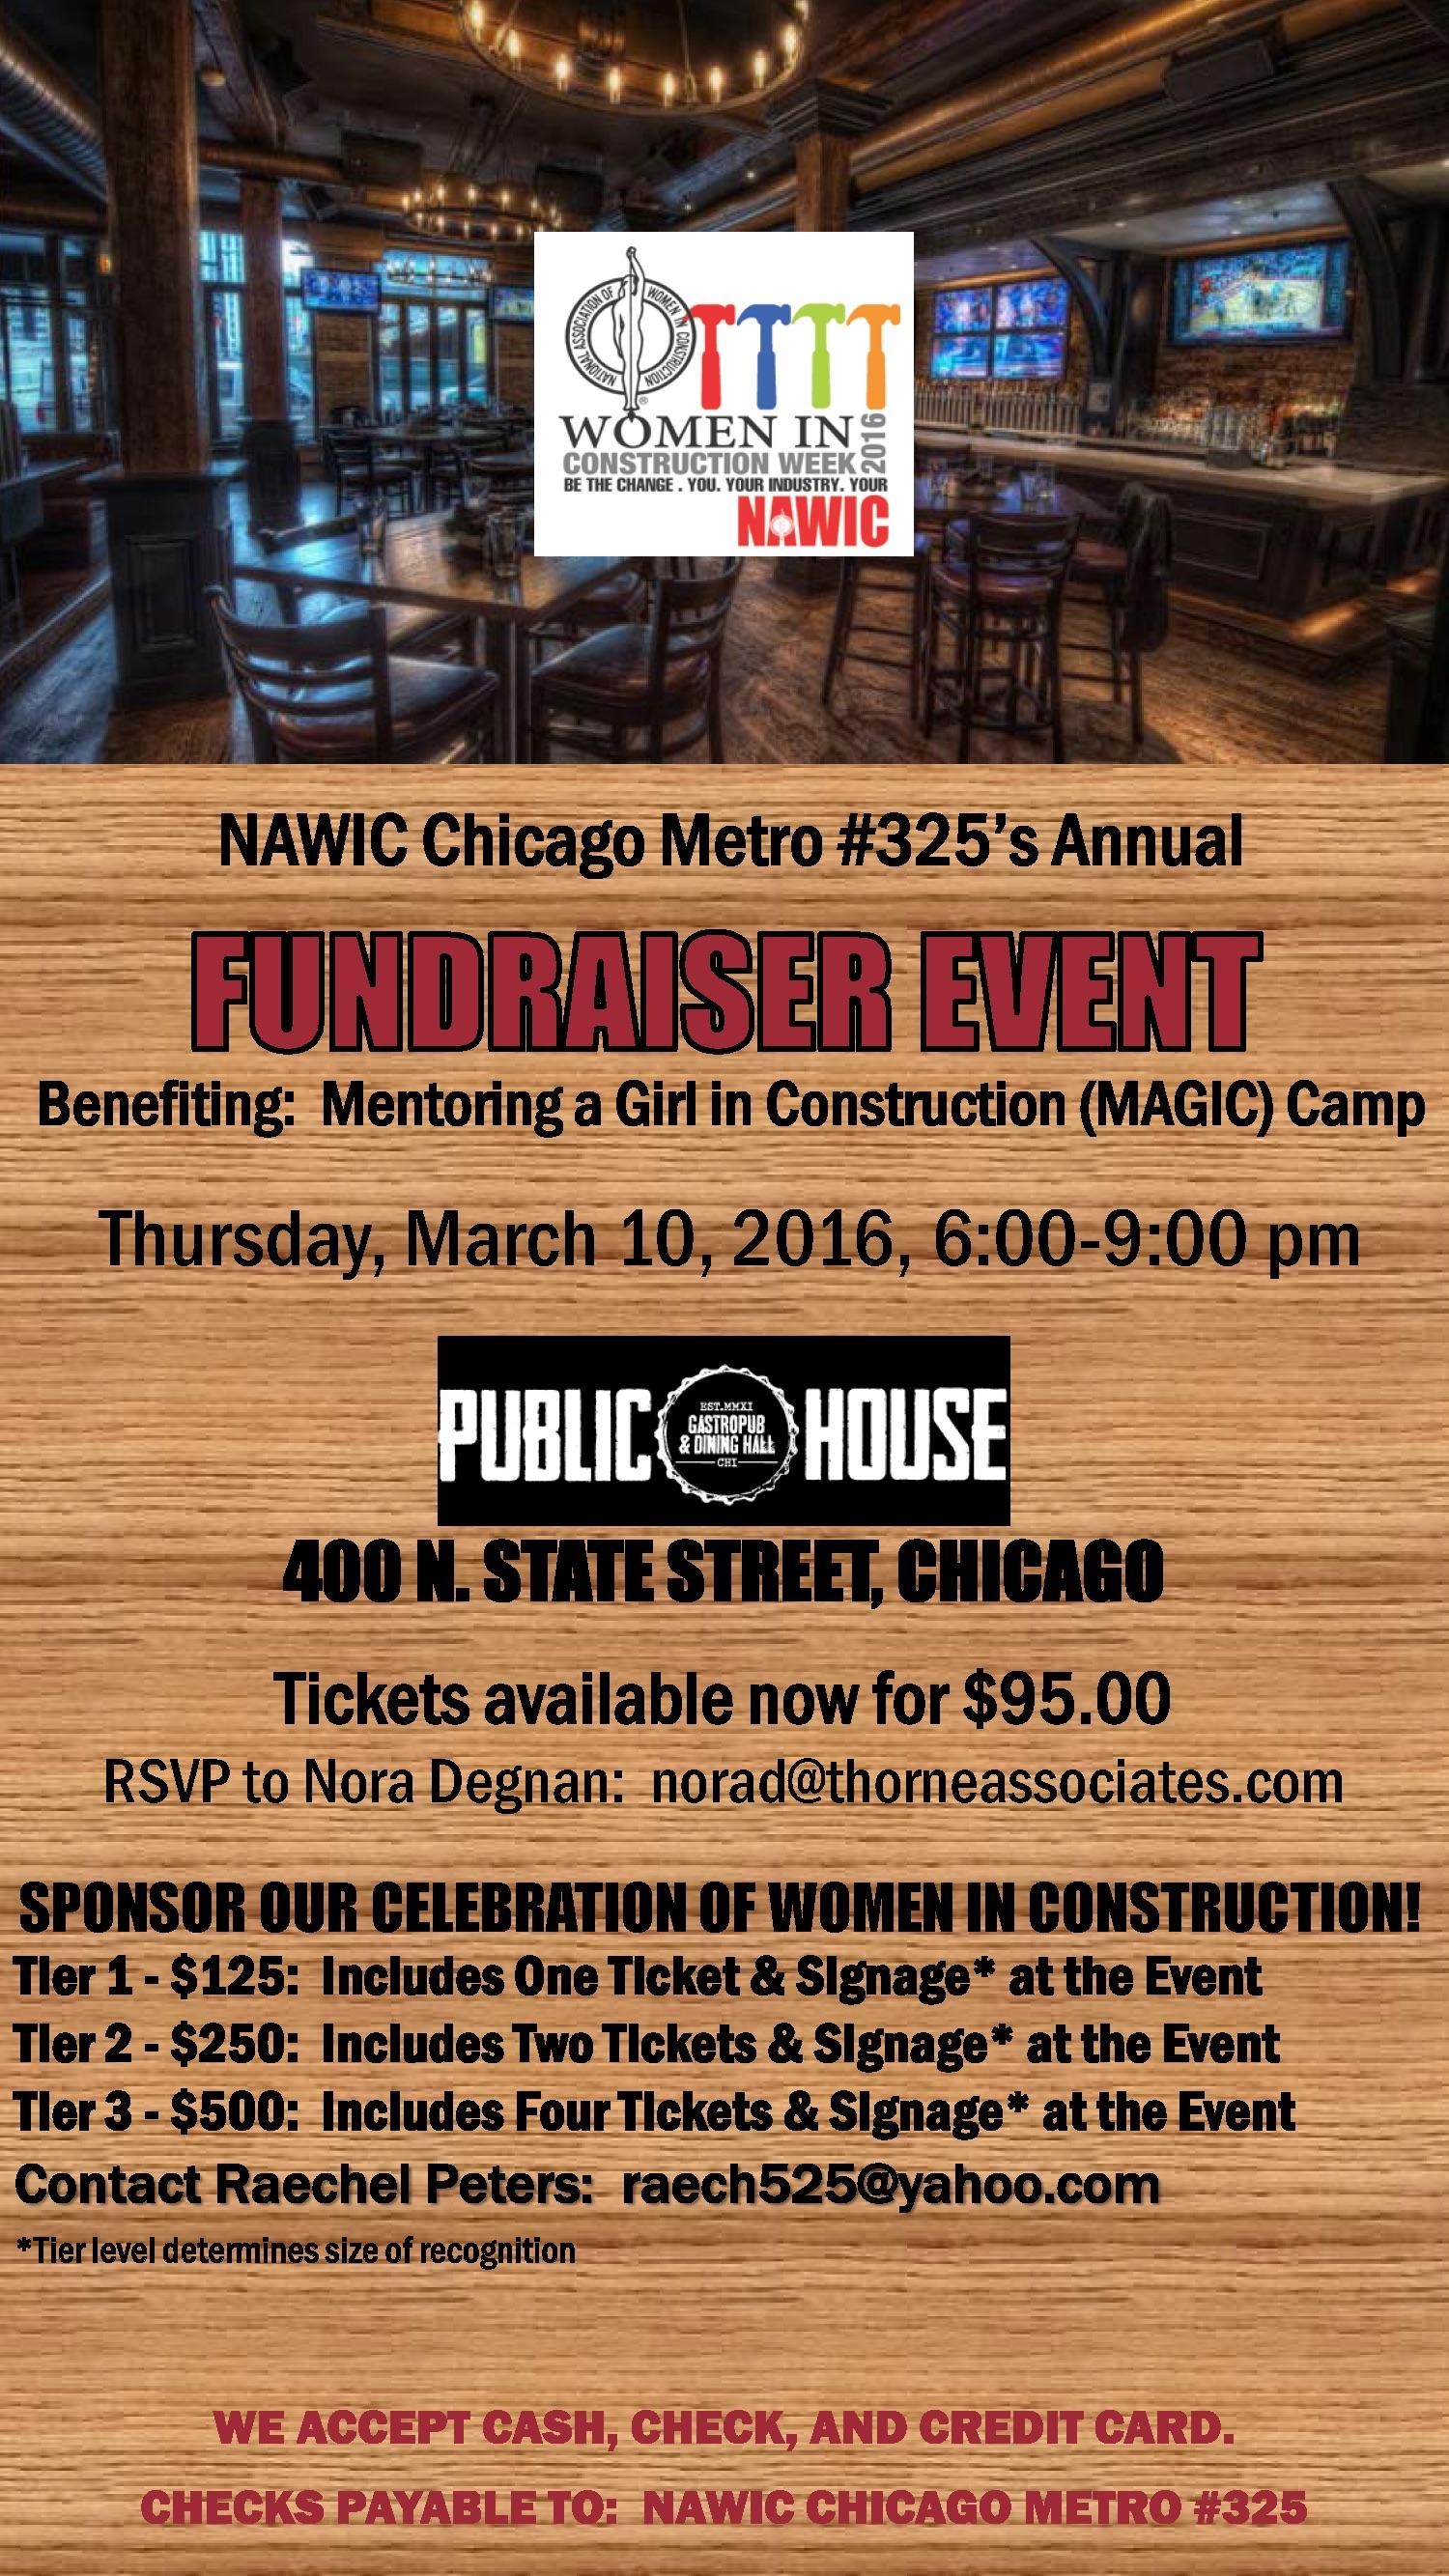 NAWIC Chicago